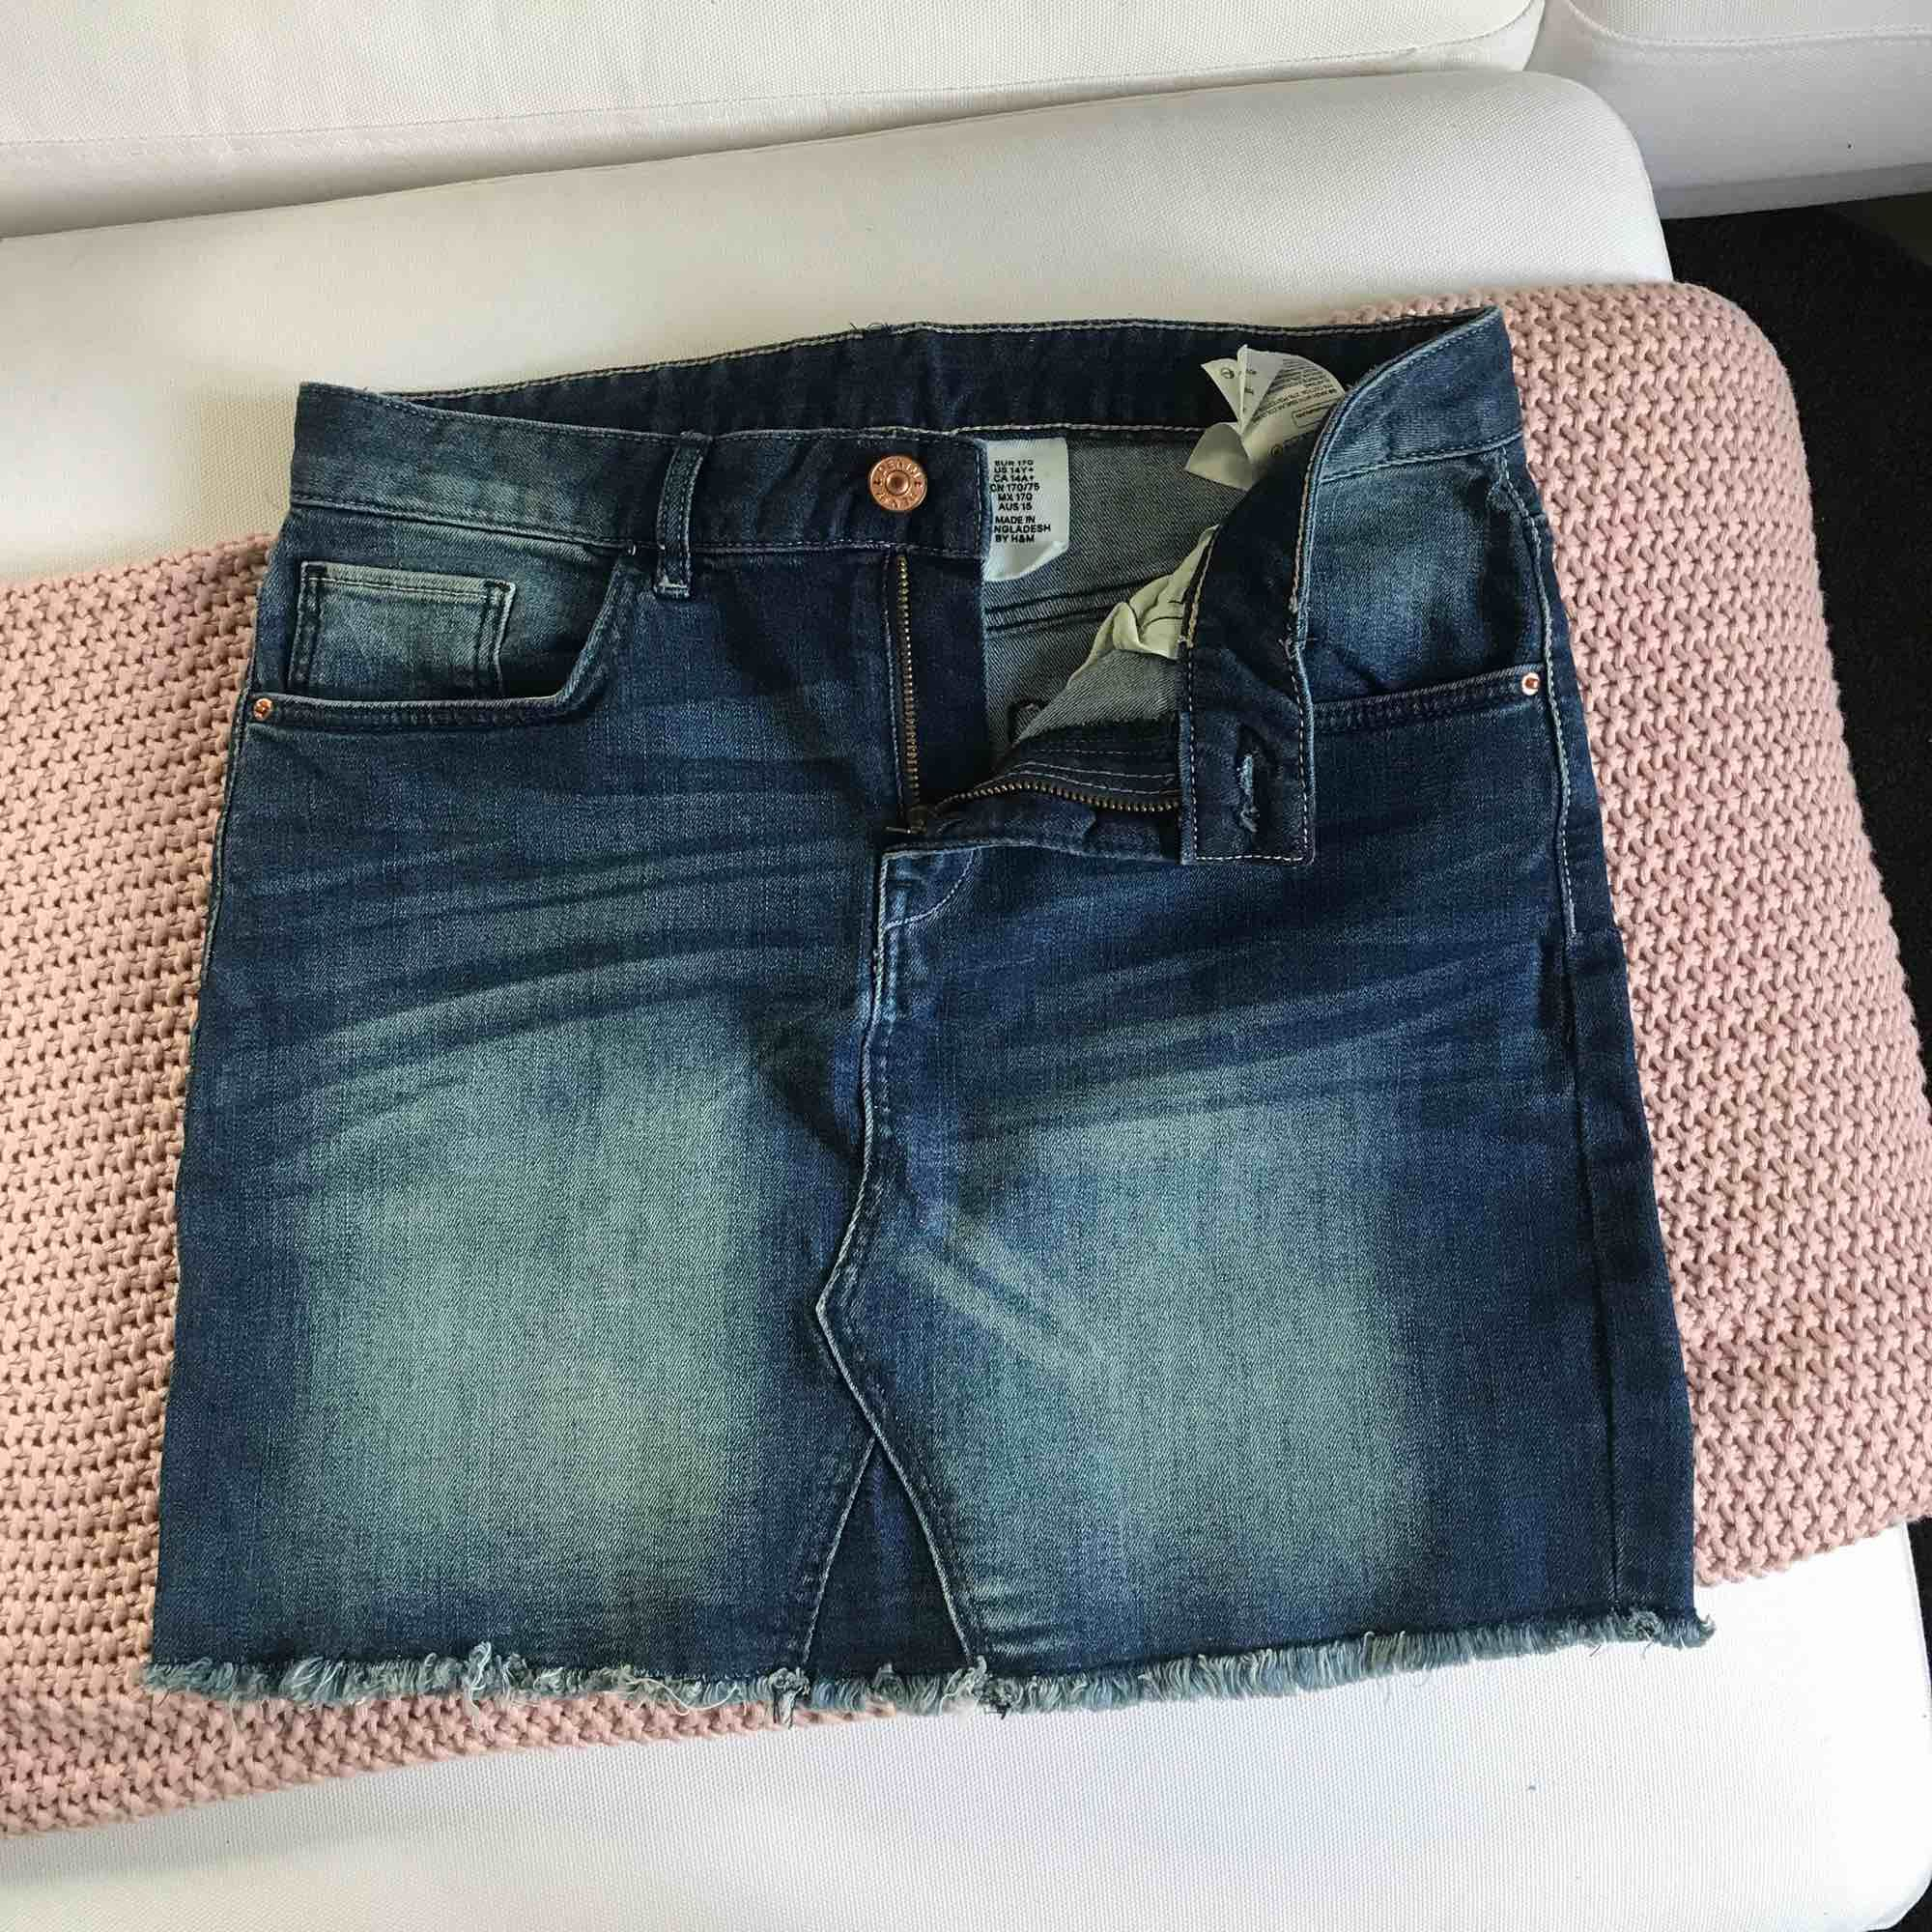 Skitsnygg mörkare jeanskjol från H&M, säljer den eftersom den tyvärr är för liten för mig! Köparen betalar frakt. Kjolar.